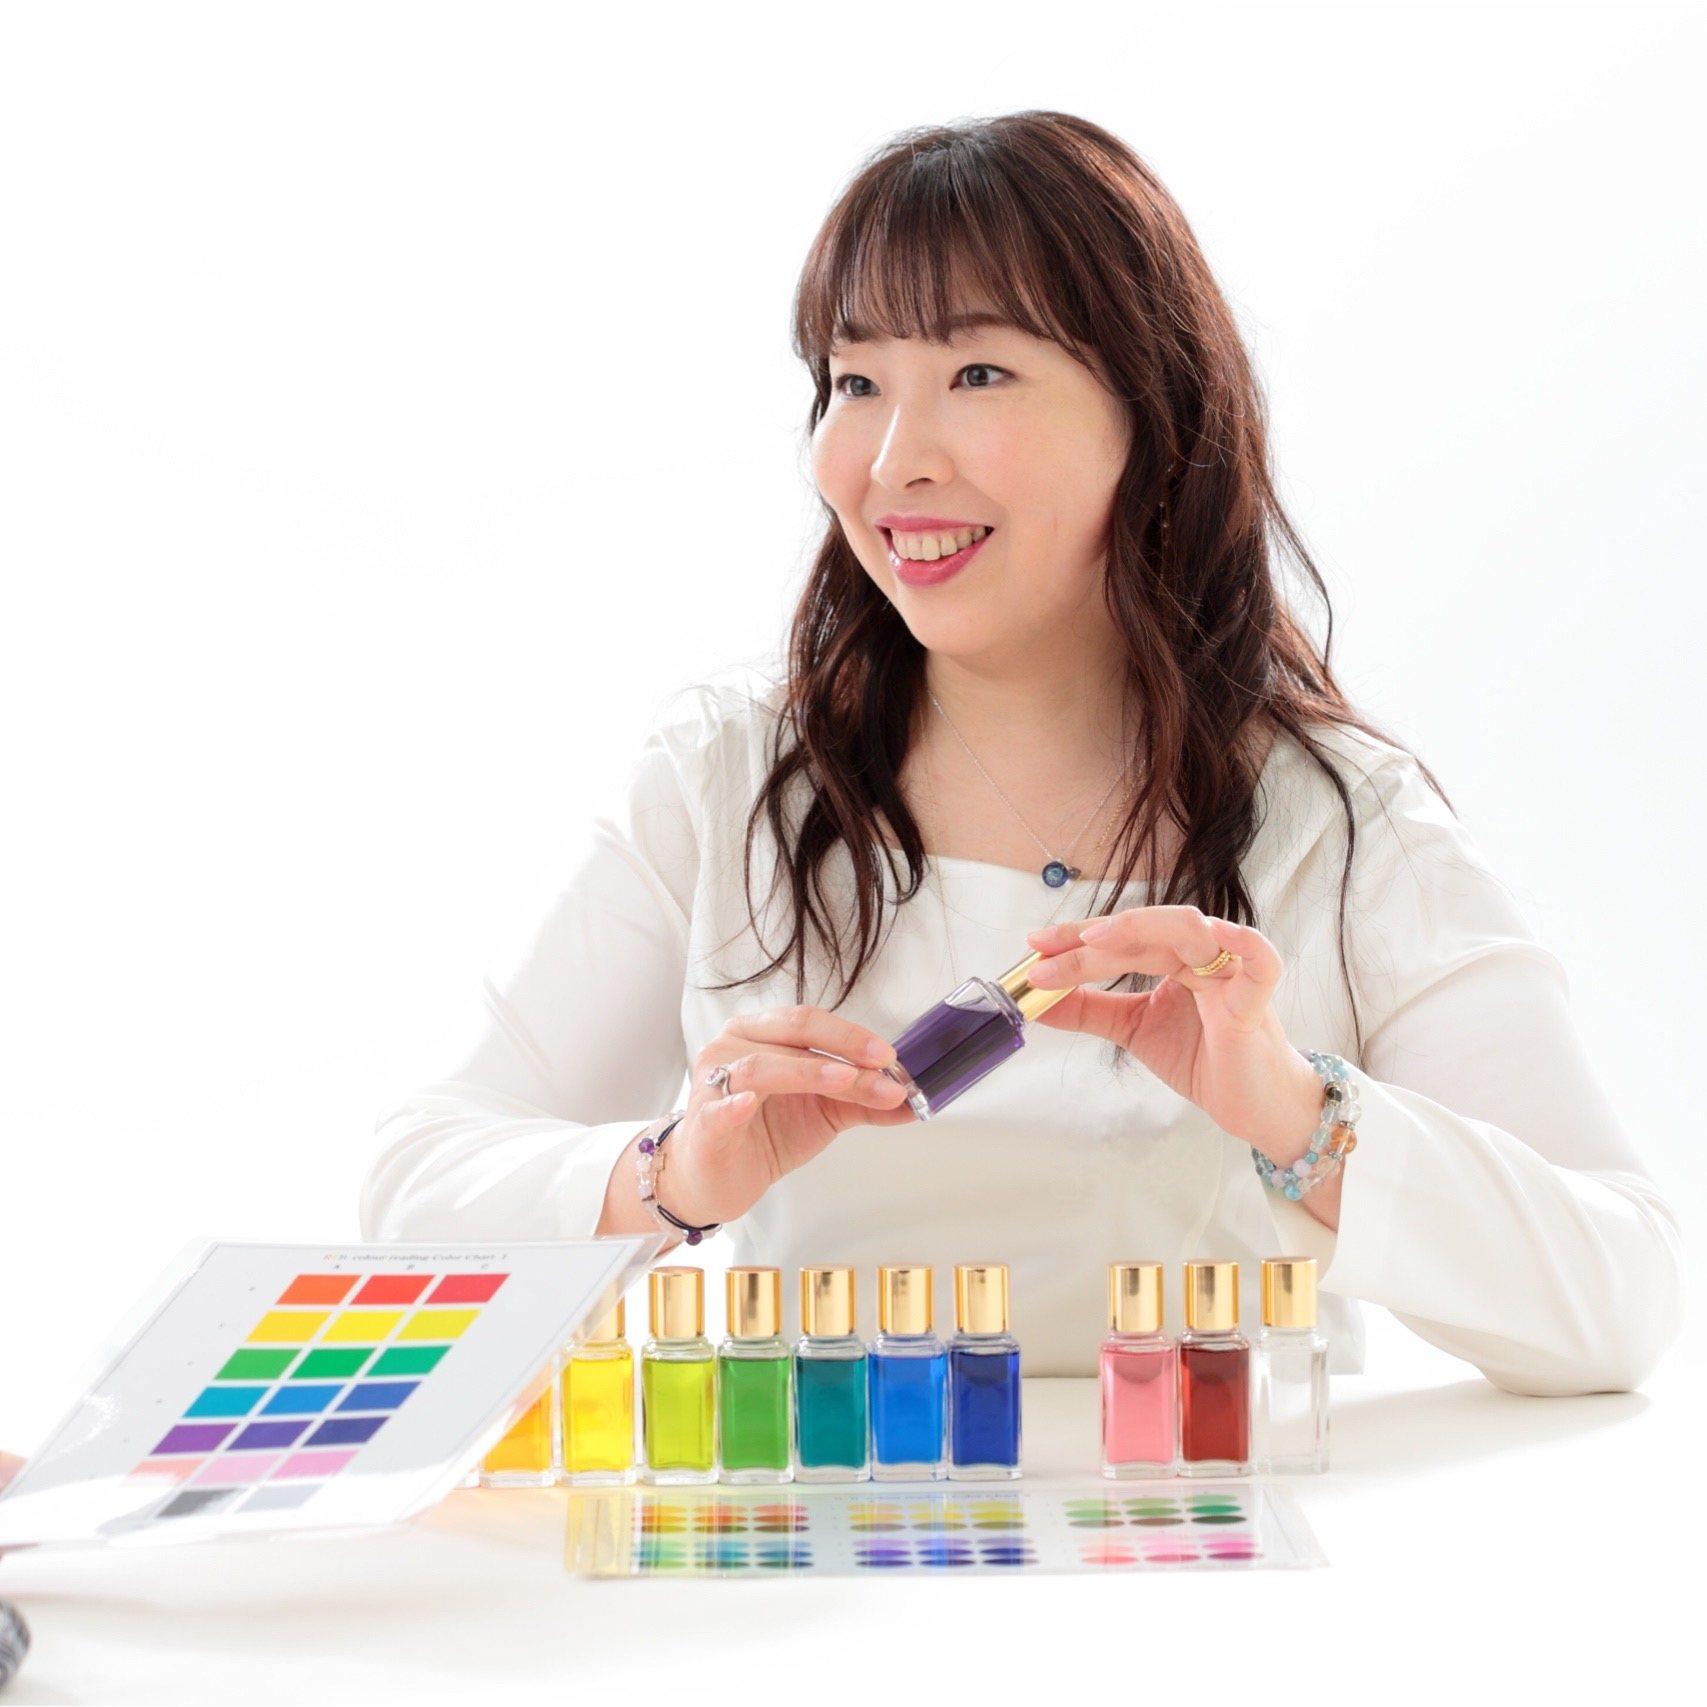 千葉でカラーセラピー* 麗斗の部屋